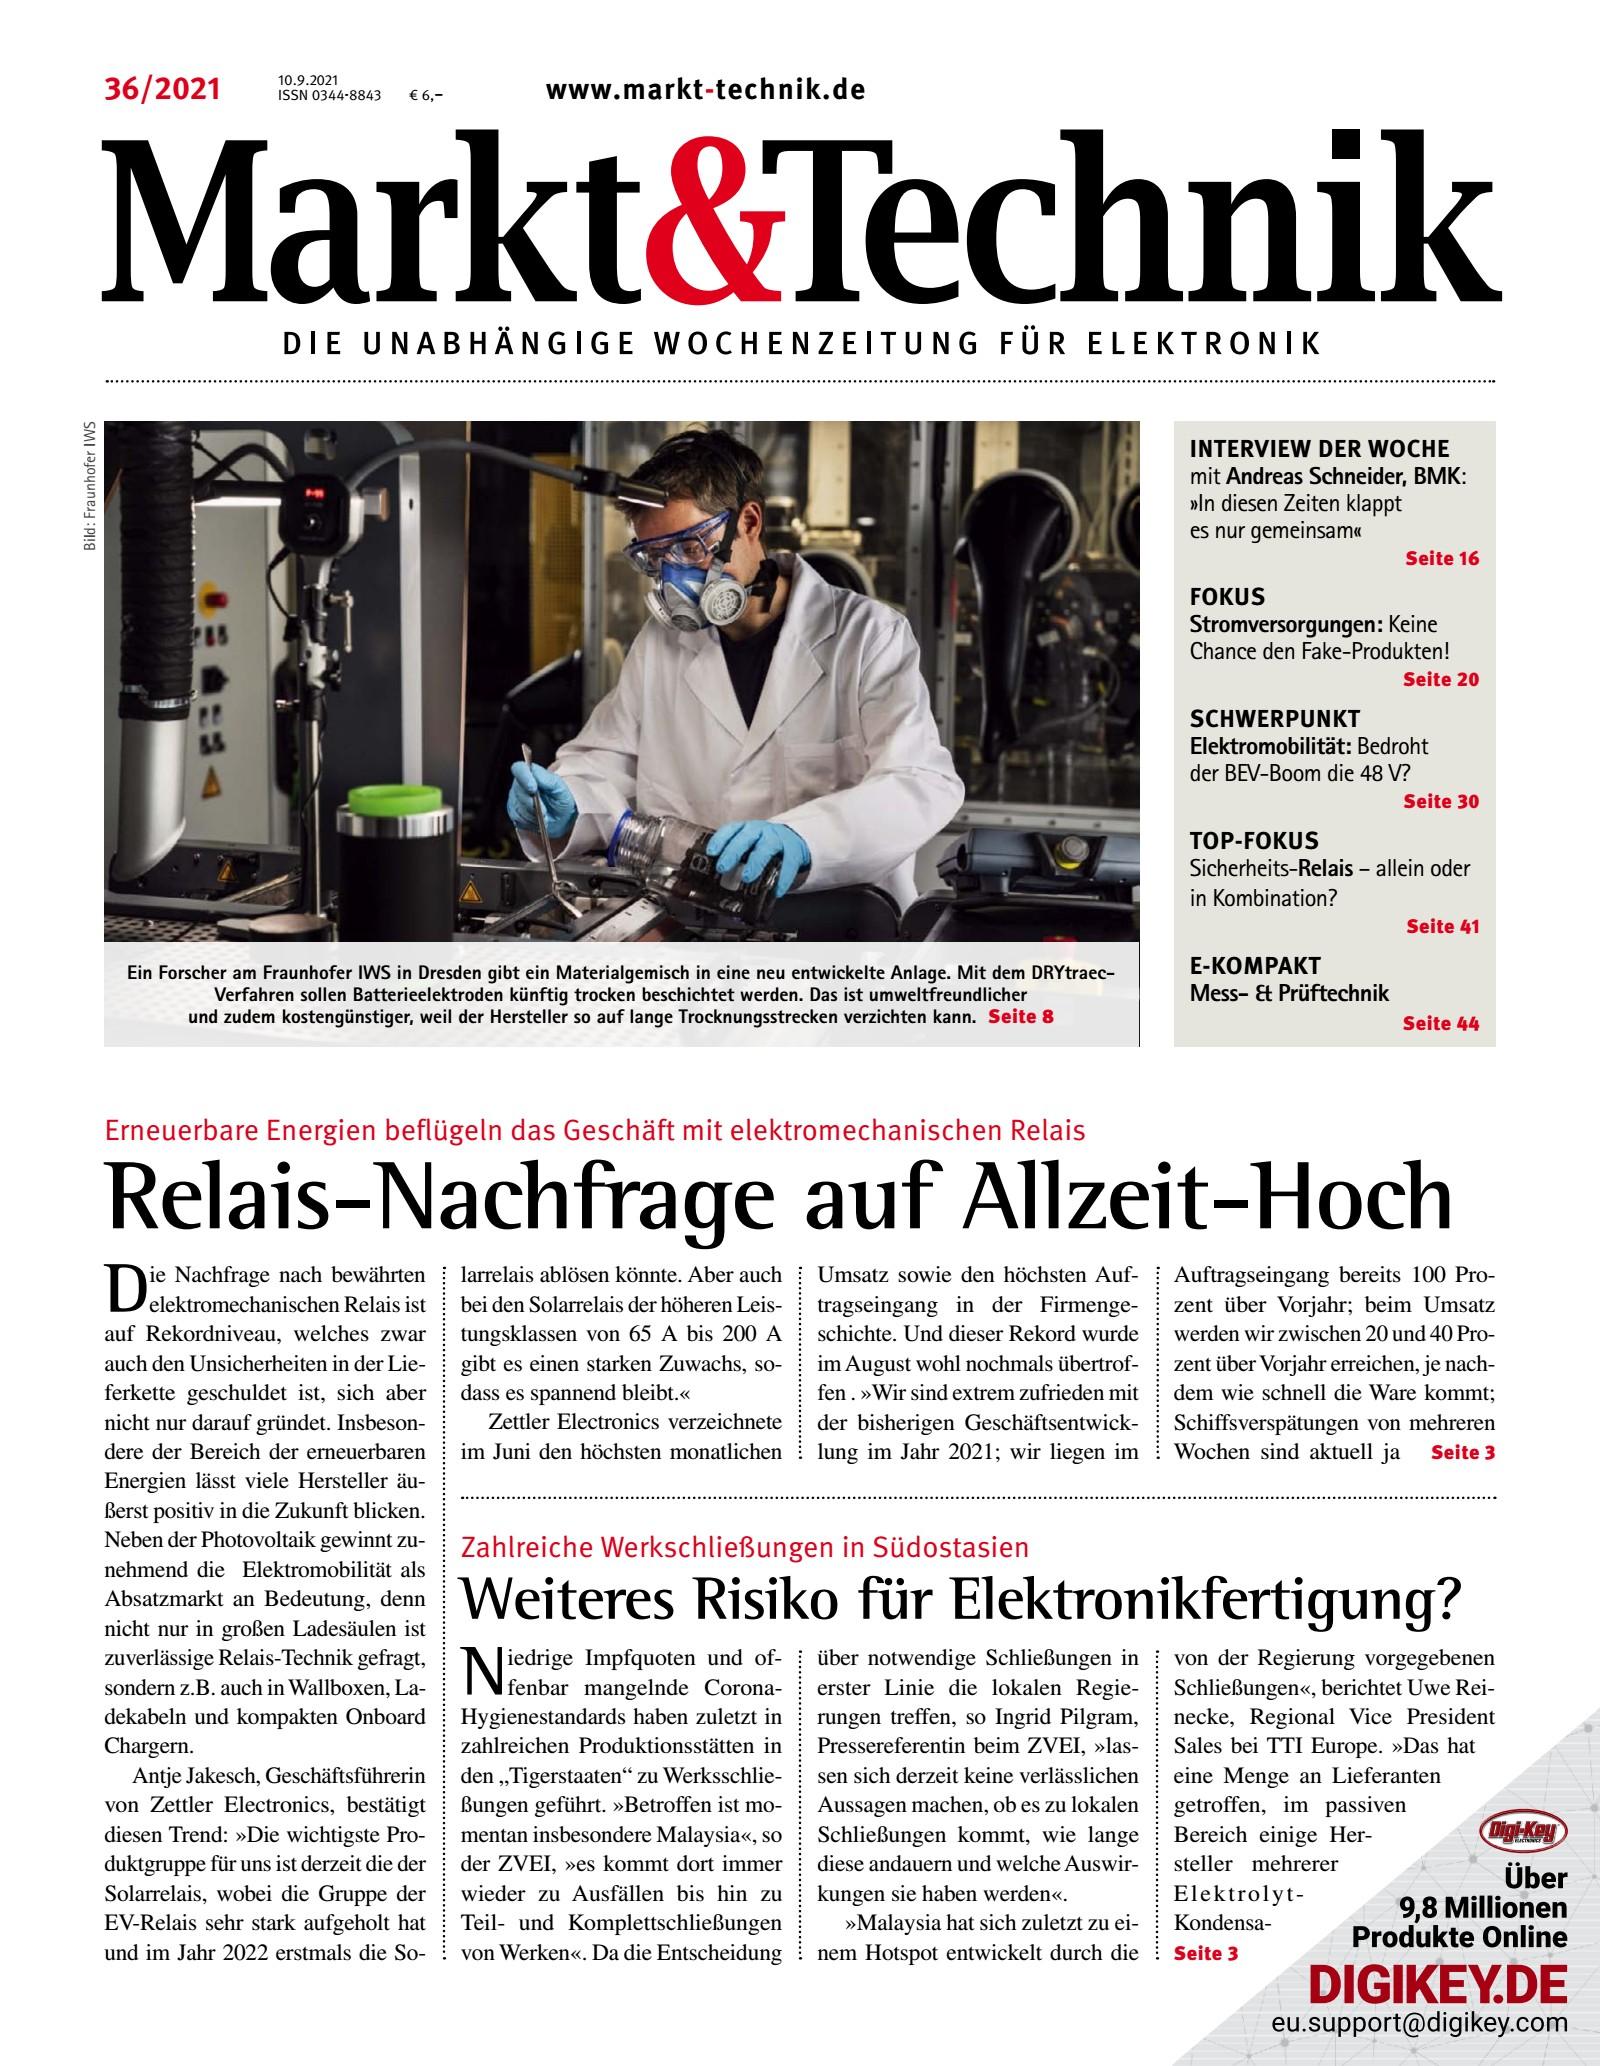 Markt&Technik 36/2021 Digital